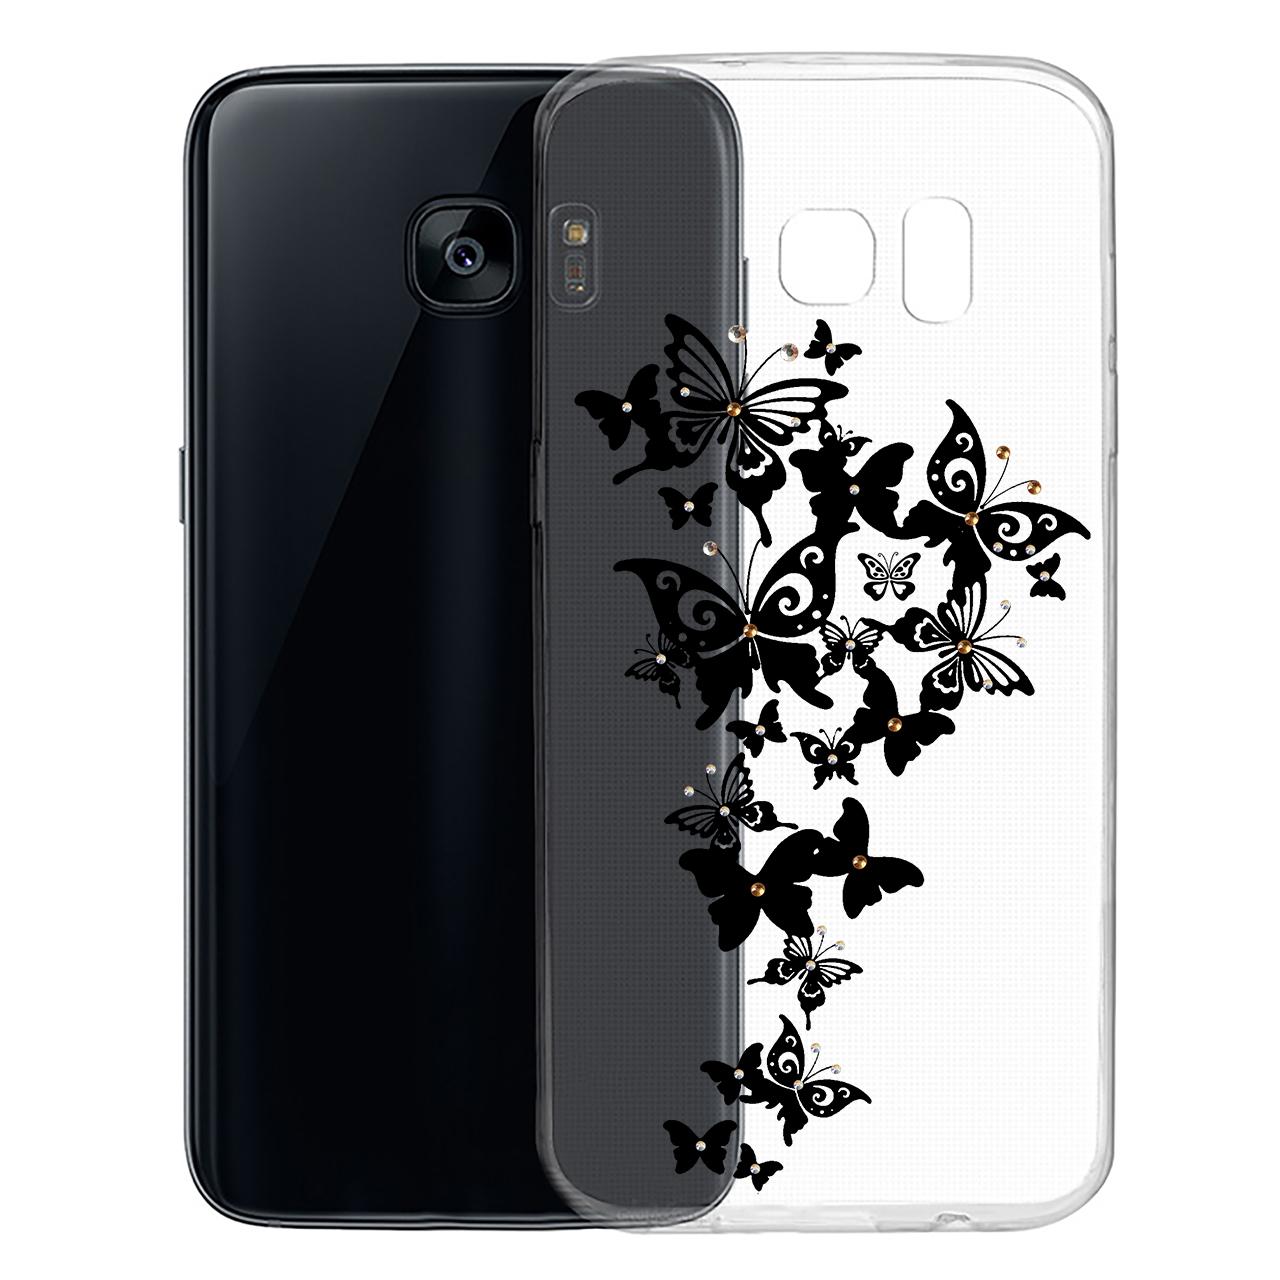 کاور کی اچ کد 214 مناسب برای گوشی موبایل سامسونگ  Galaxy A520 / A5 2017